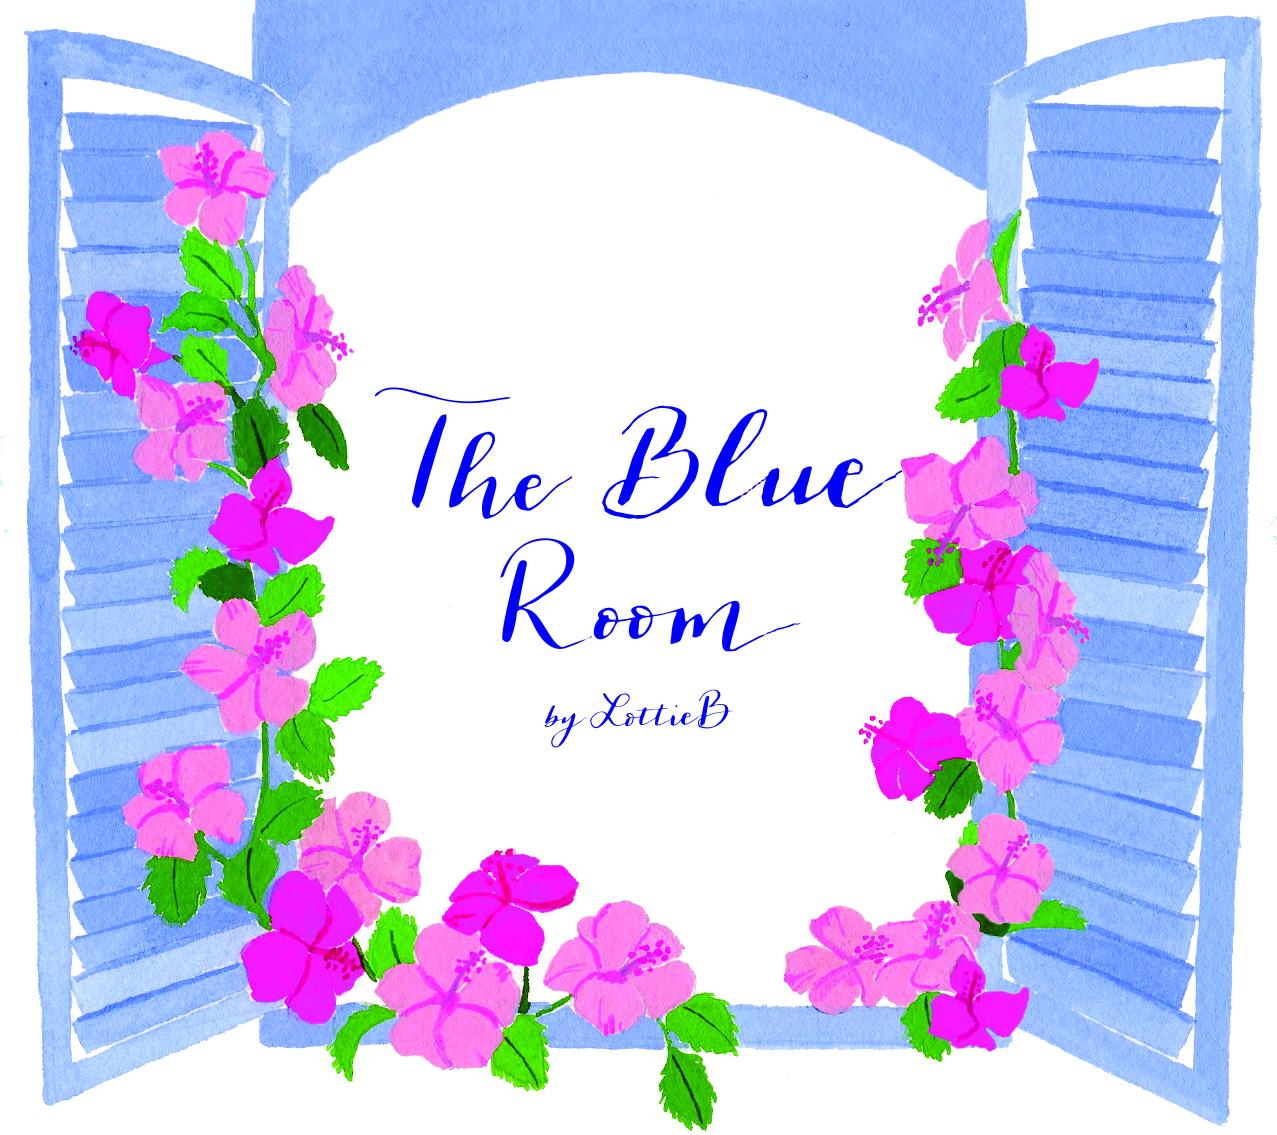 TheBlueRoom_Logo_Final.jpg